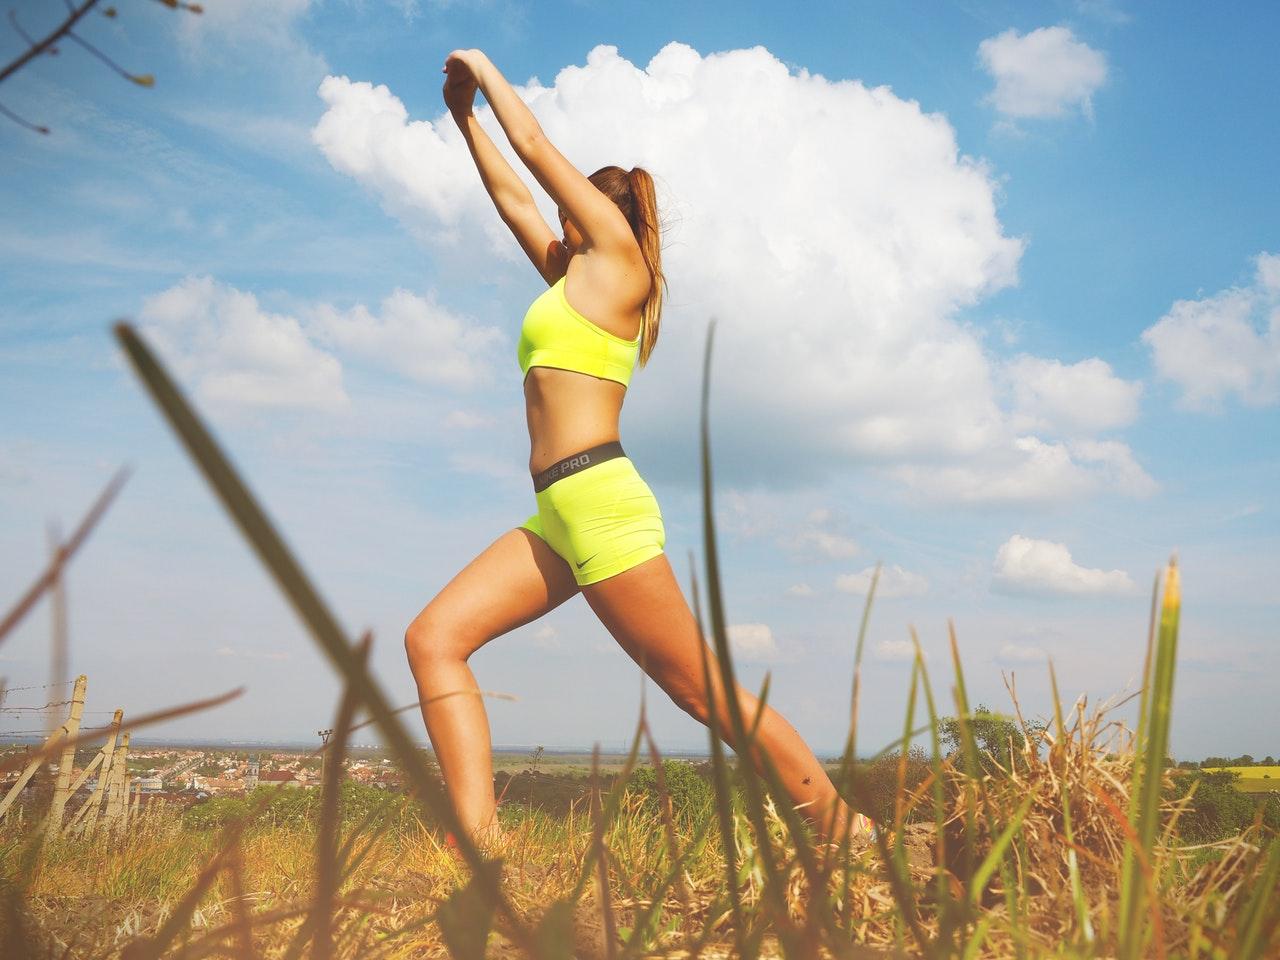 praticar exercicios acabar com a compulsão por doces